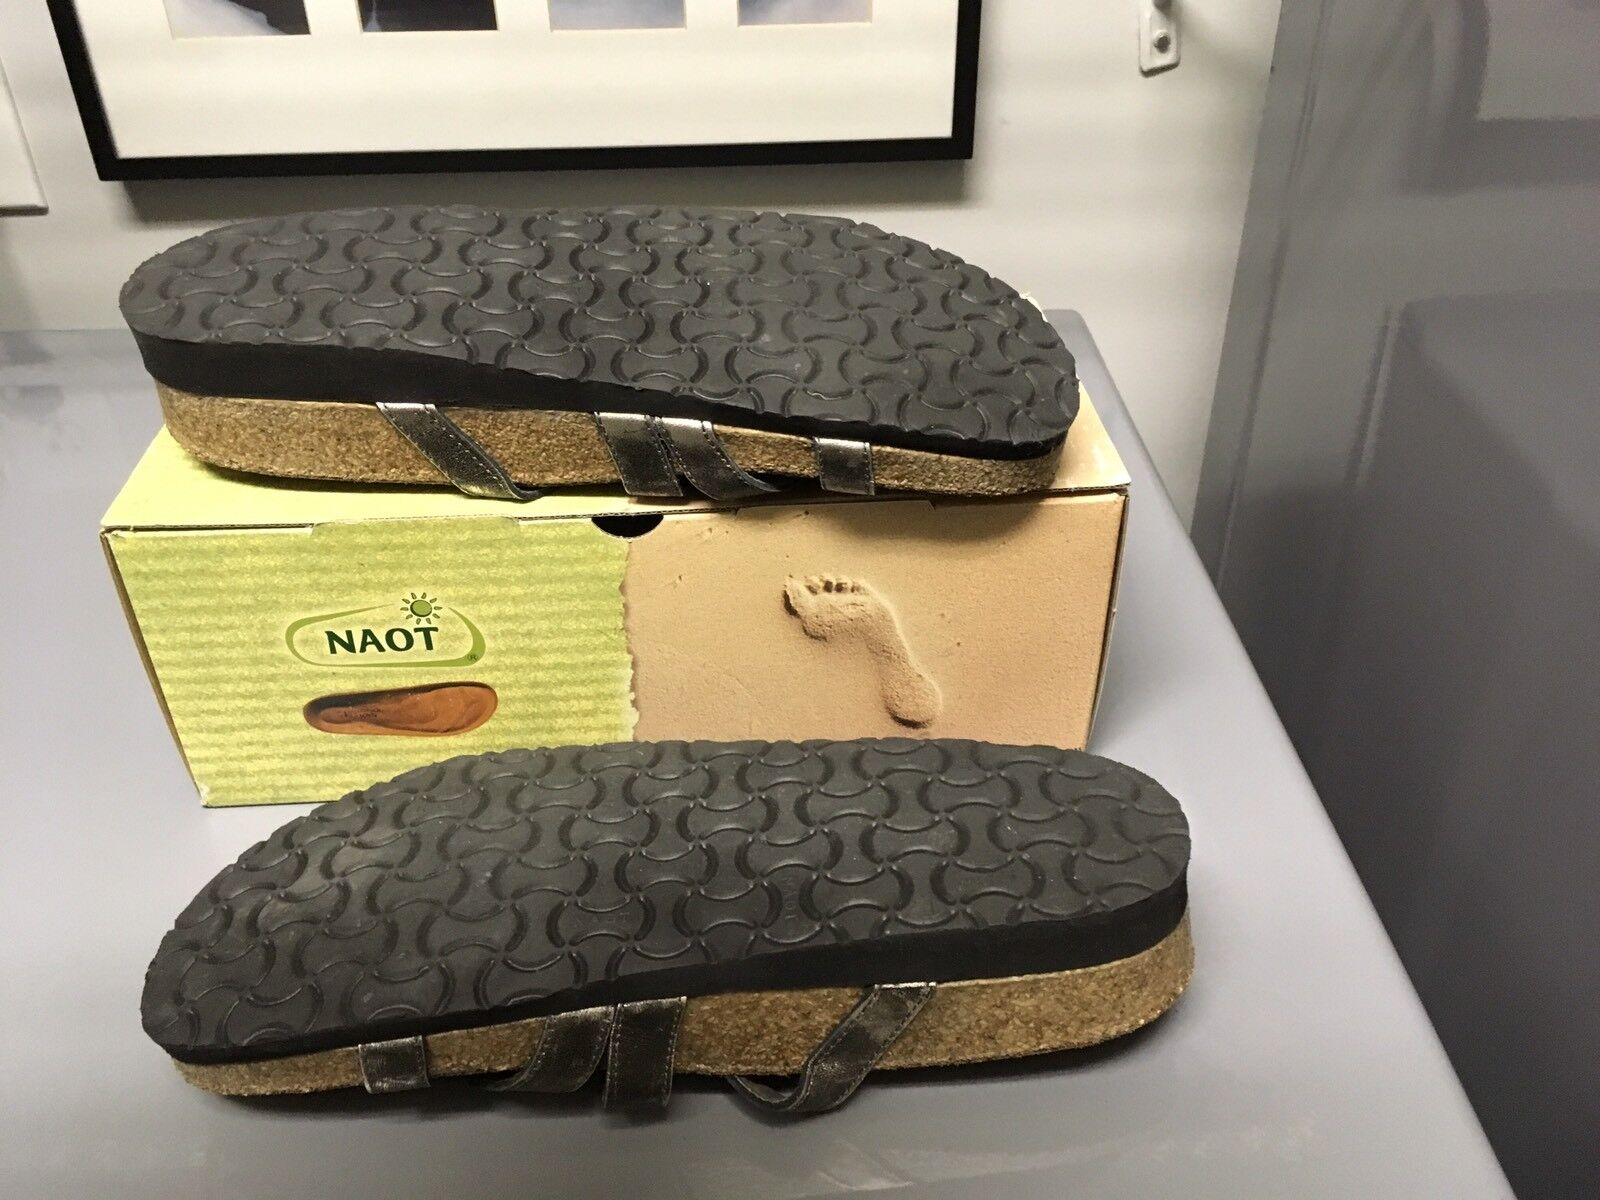 Naot Sarasota Sarasota Sarasota Metal Leather Sandal chaussures Slide 42 11  135 c6606c